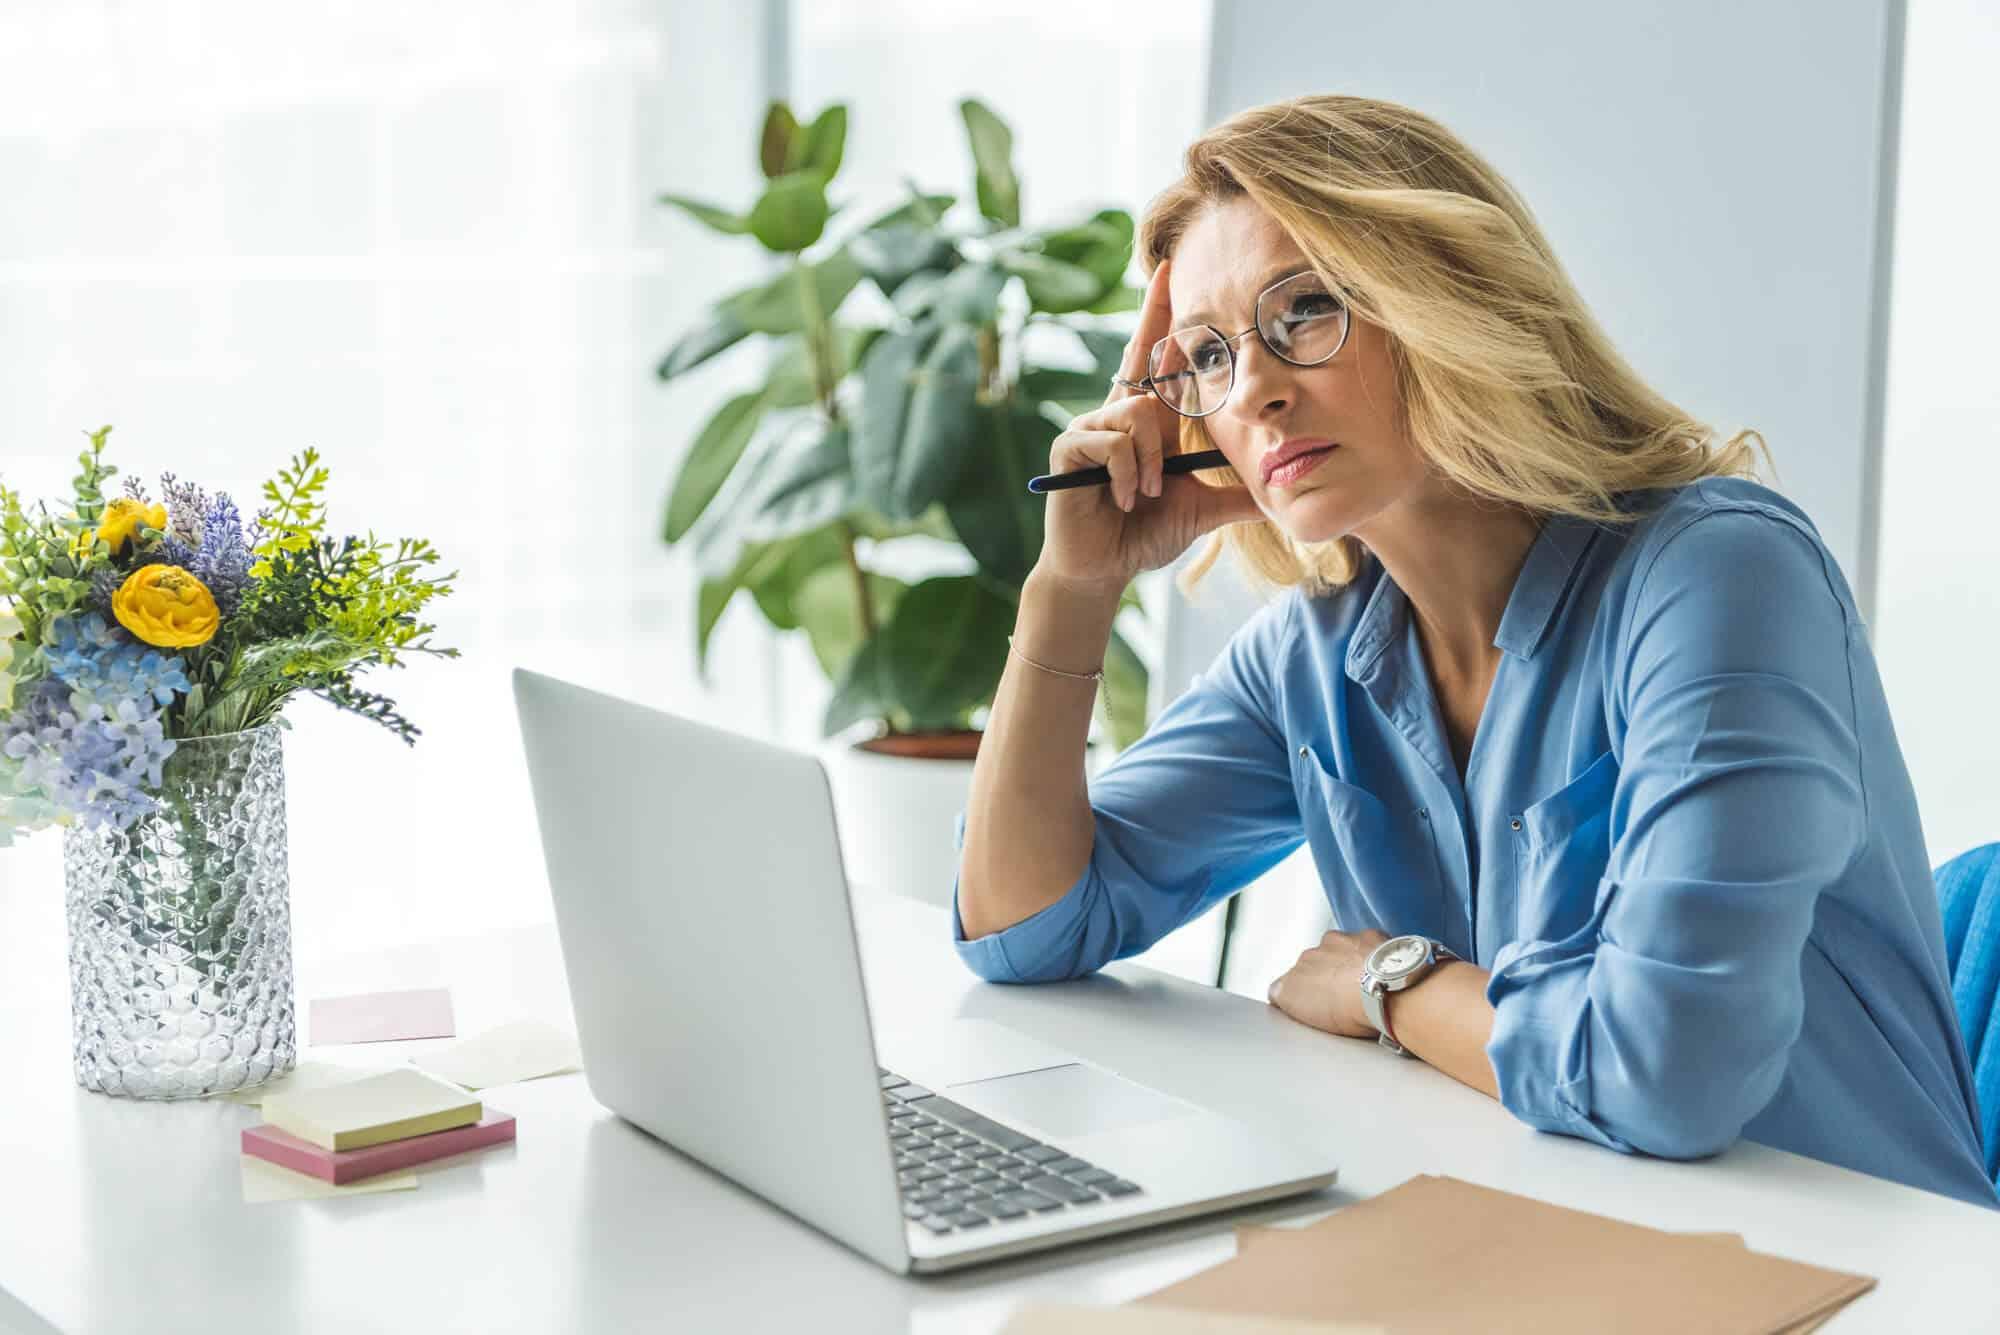 Quando é necessário o prévio requerimento administrativo?